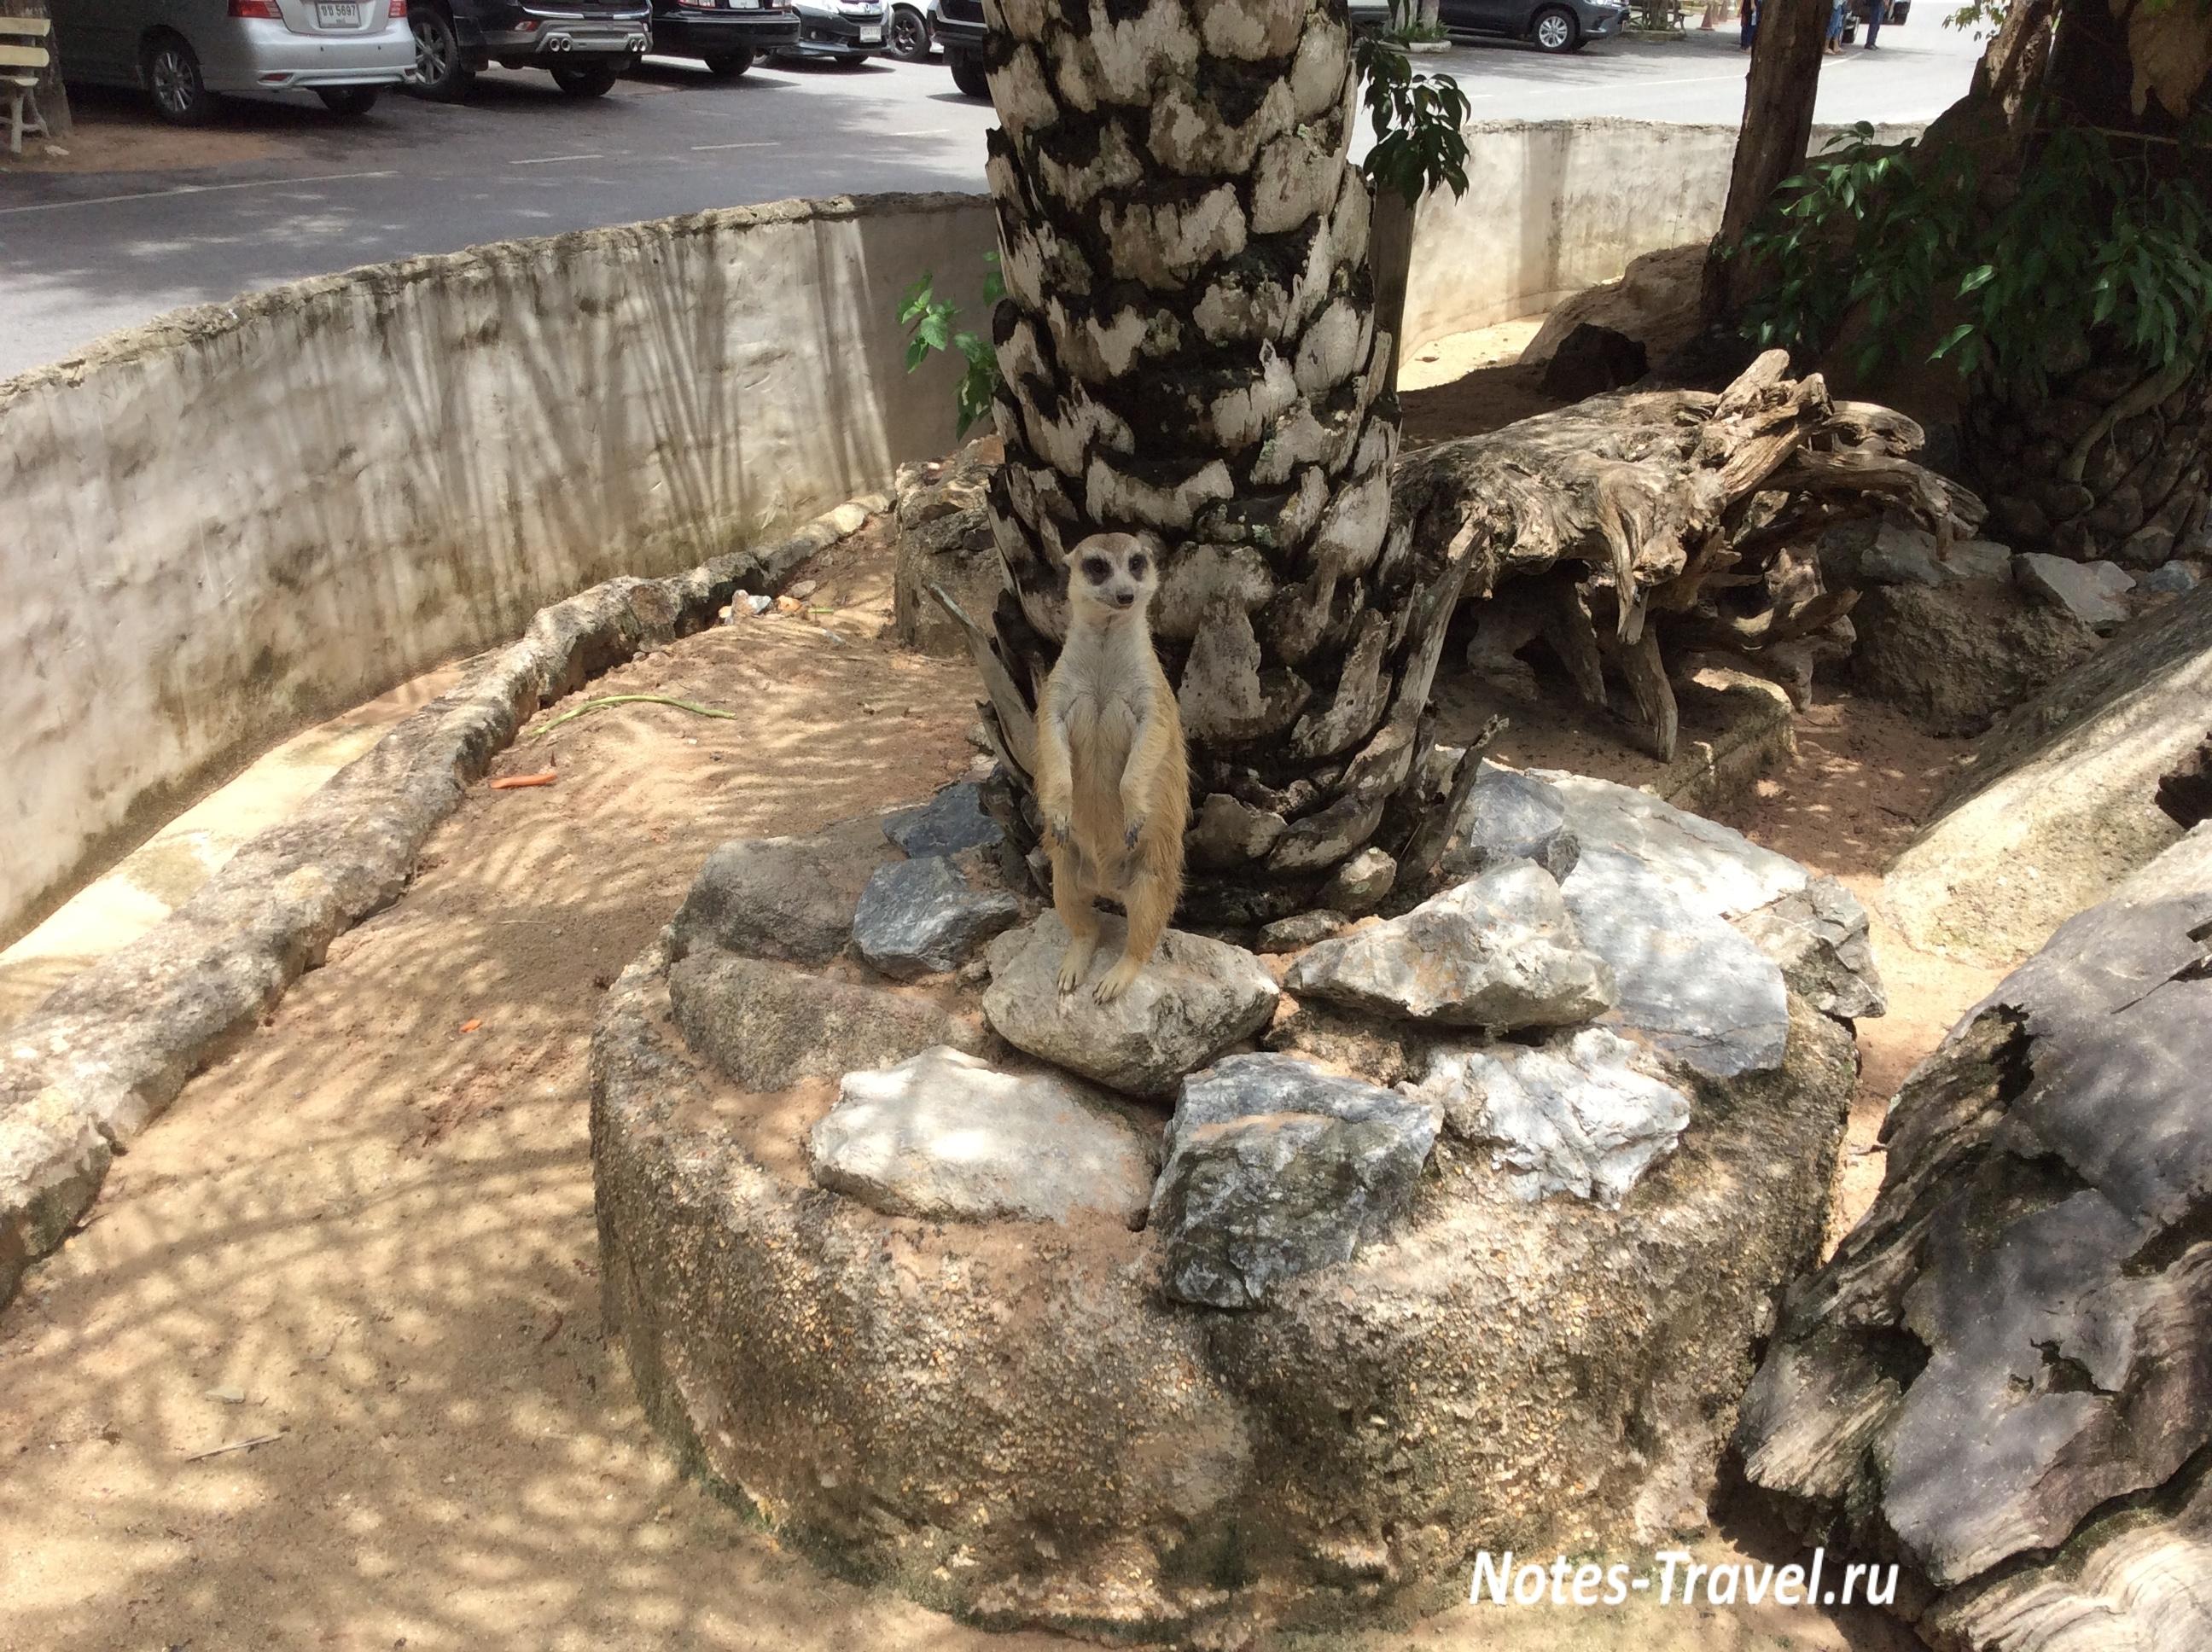 Сурикат - зоопарк Кхао Кхео (Таиланд)